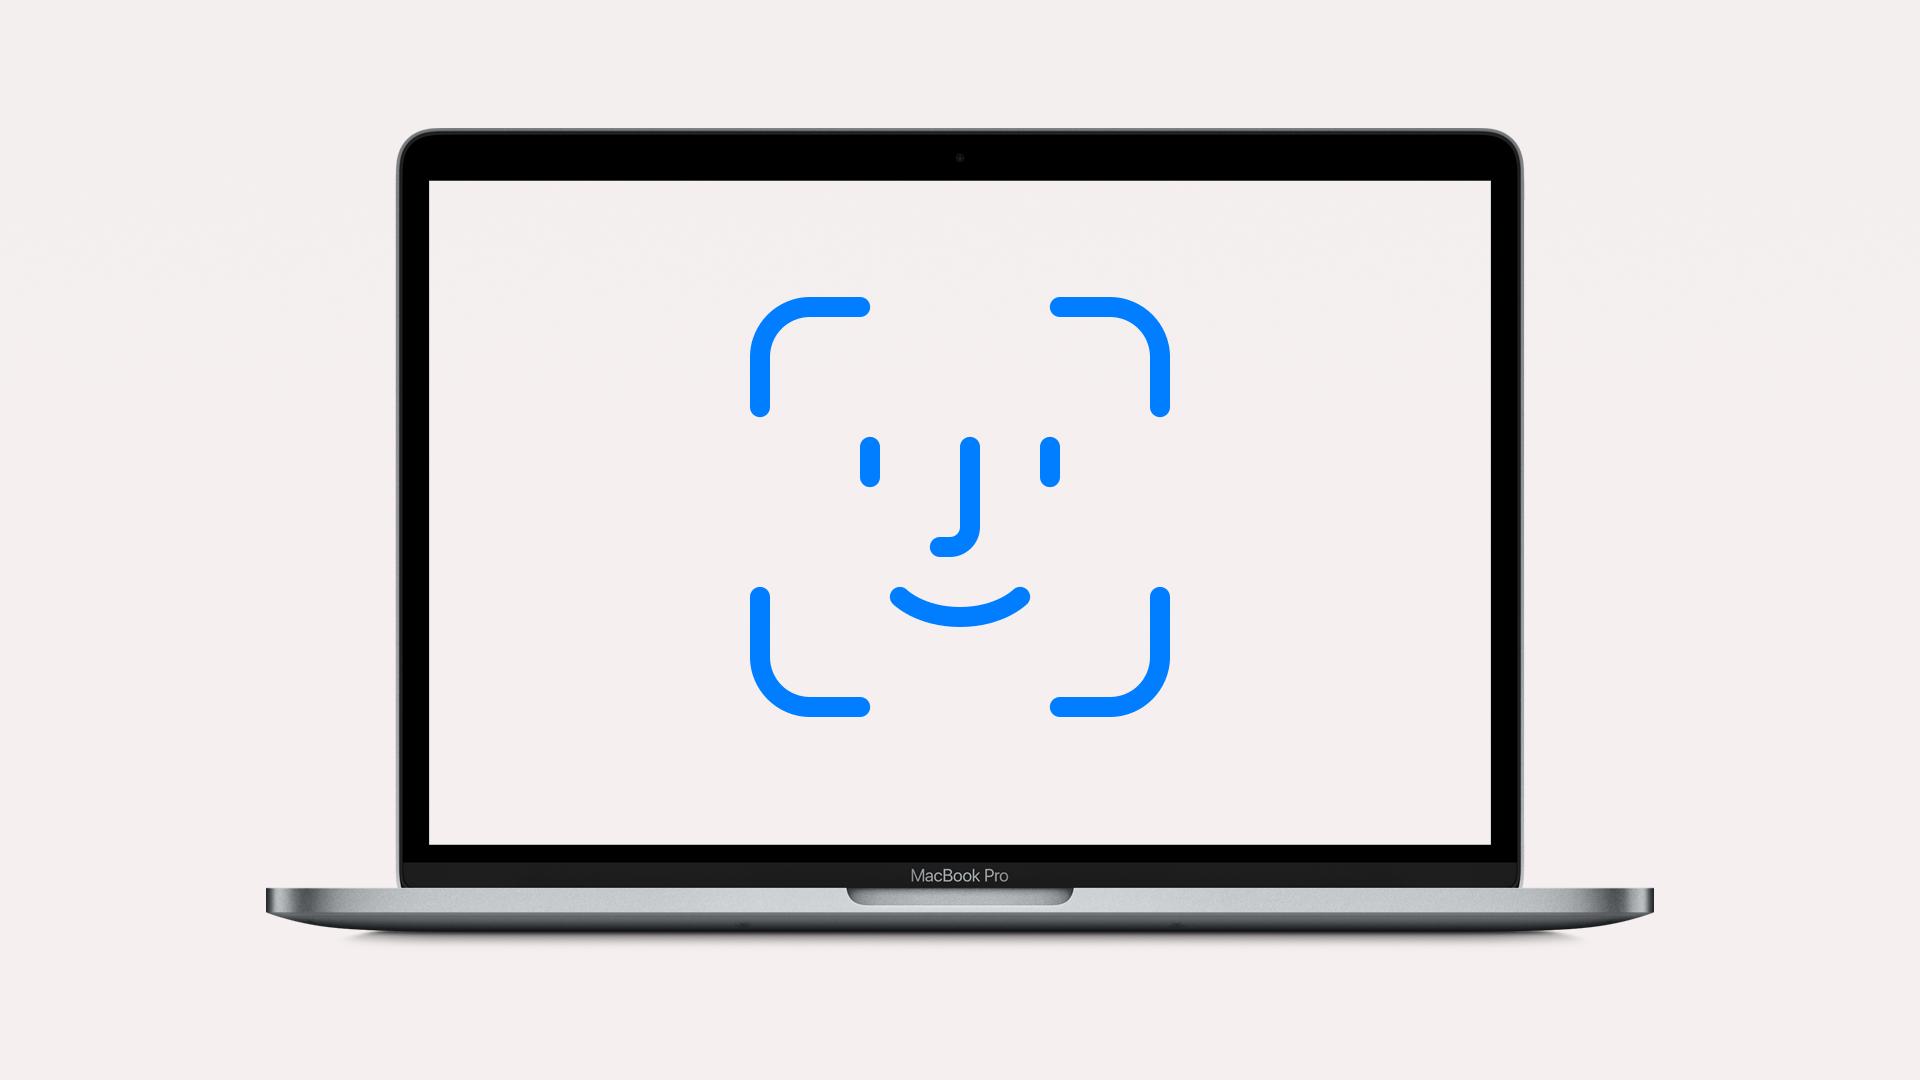 曙光服务器Mac电脑大更新?将用上人脸识